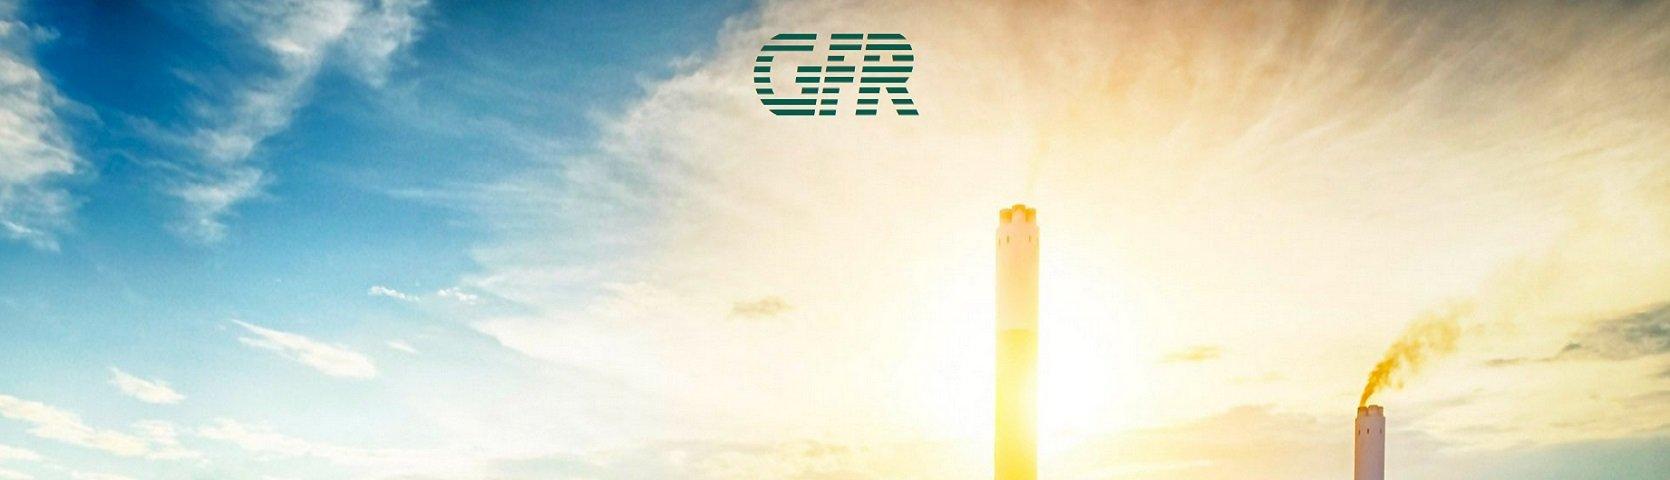 GFR mbH